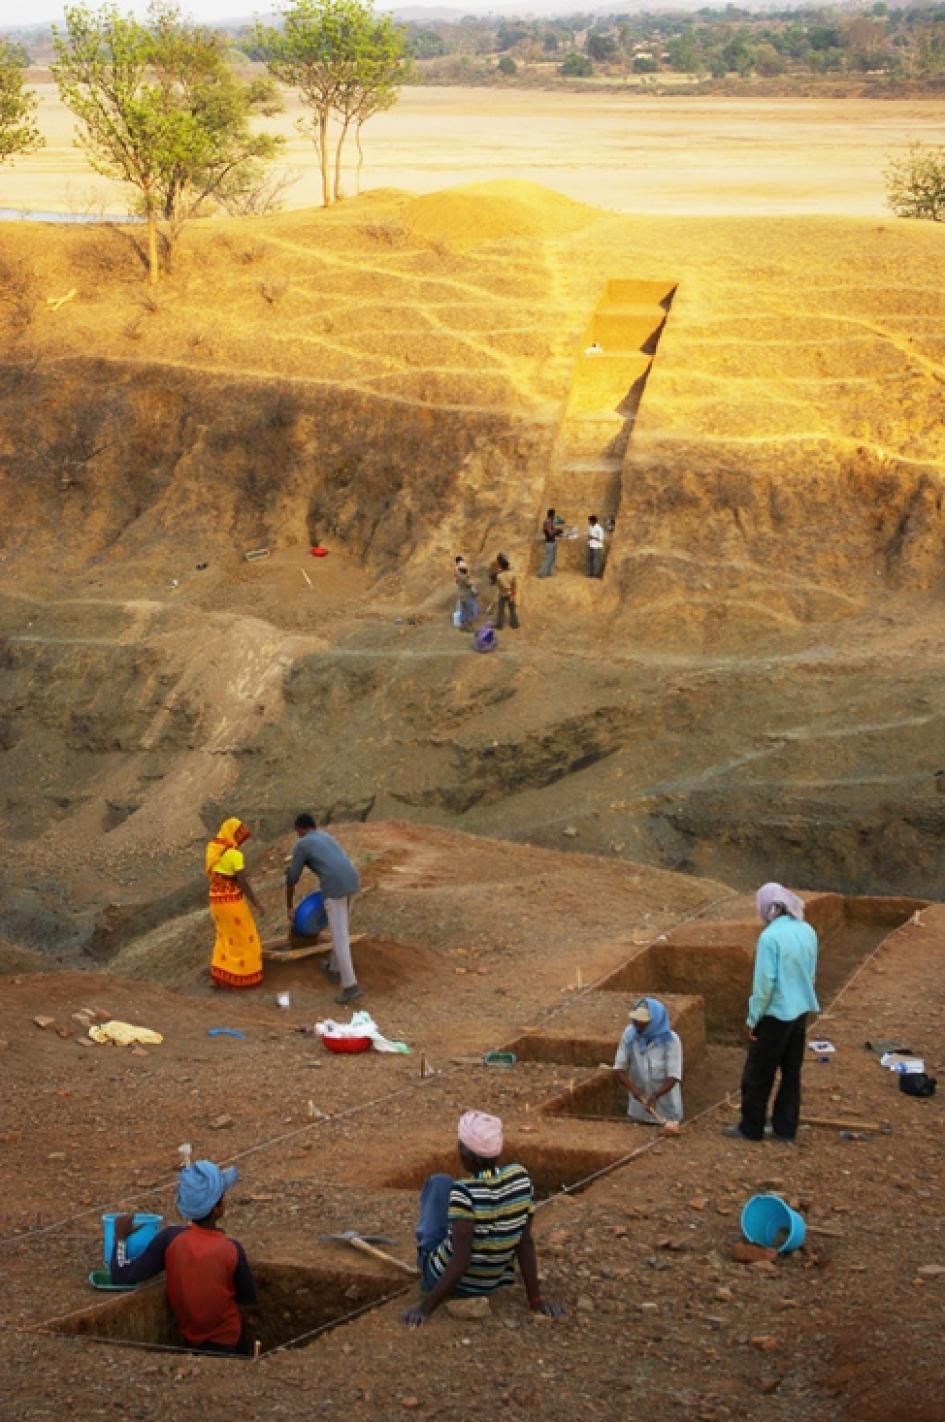 印度中部中央邦(Madhya Pradesh)達巴遺址的發掘現場。PHOTOGRAPH BY CHRISTINA NUEDORF